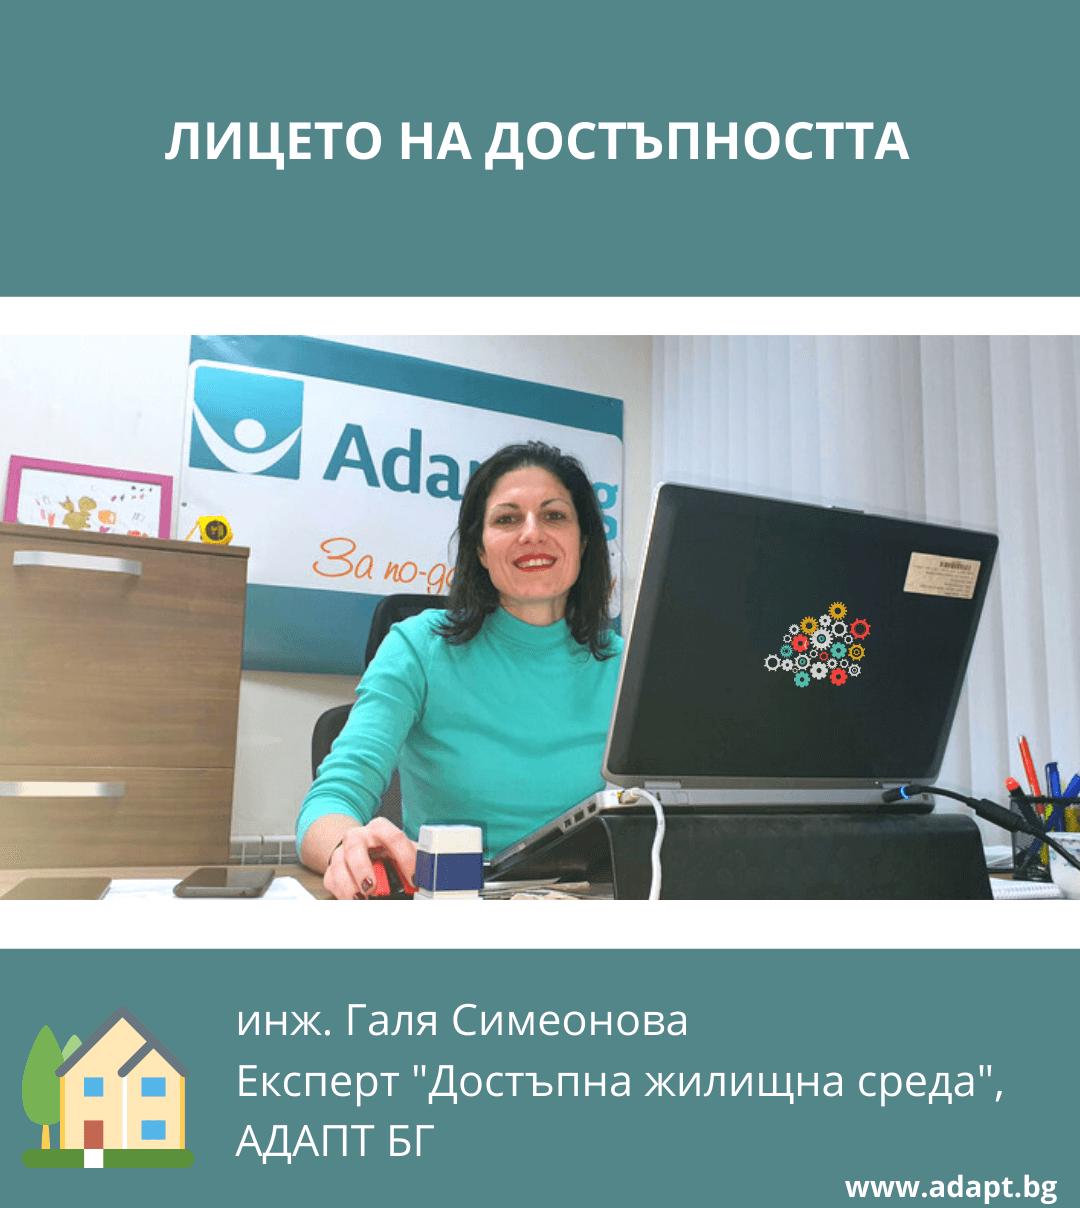 проектант по национална програма достъпна жилищна среда и лична мобилност